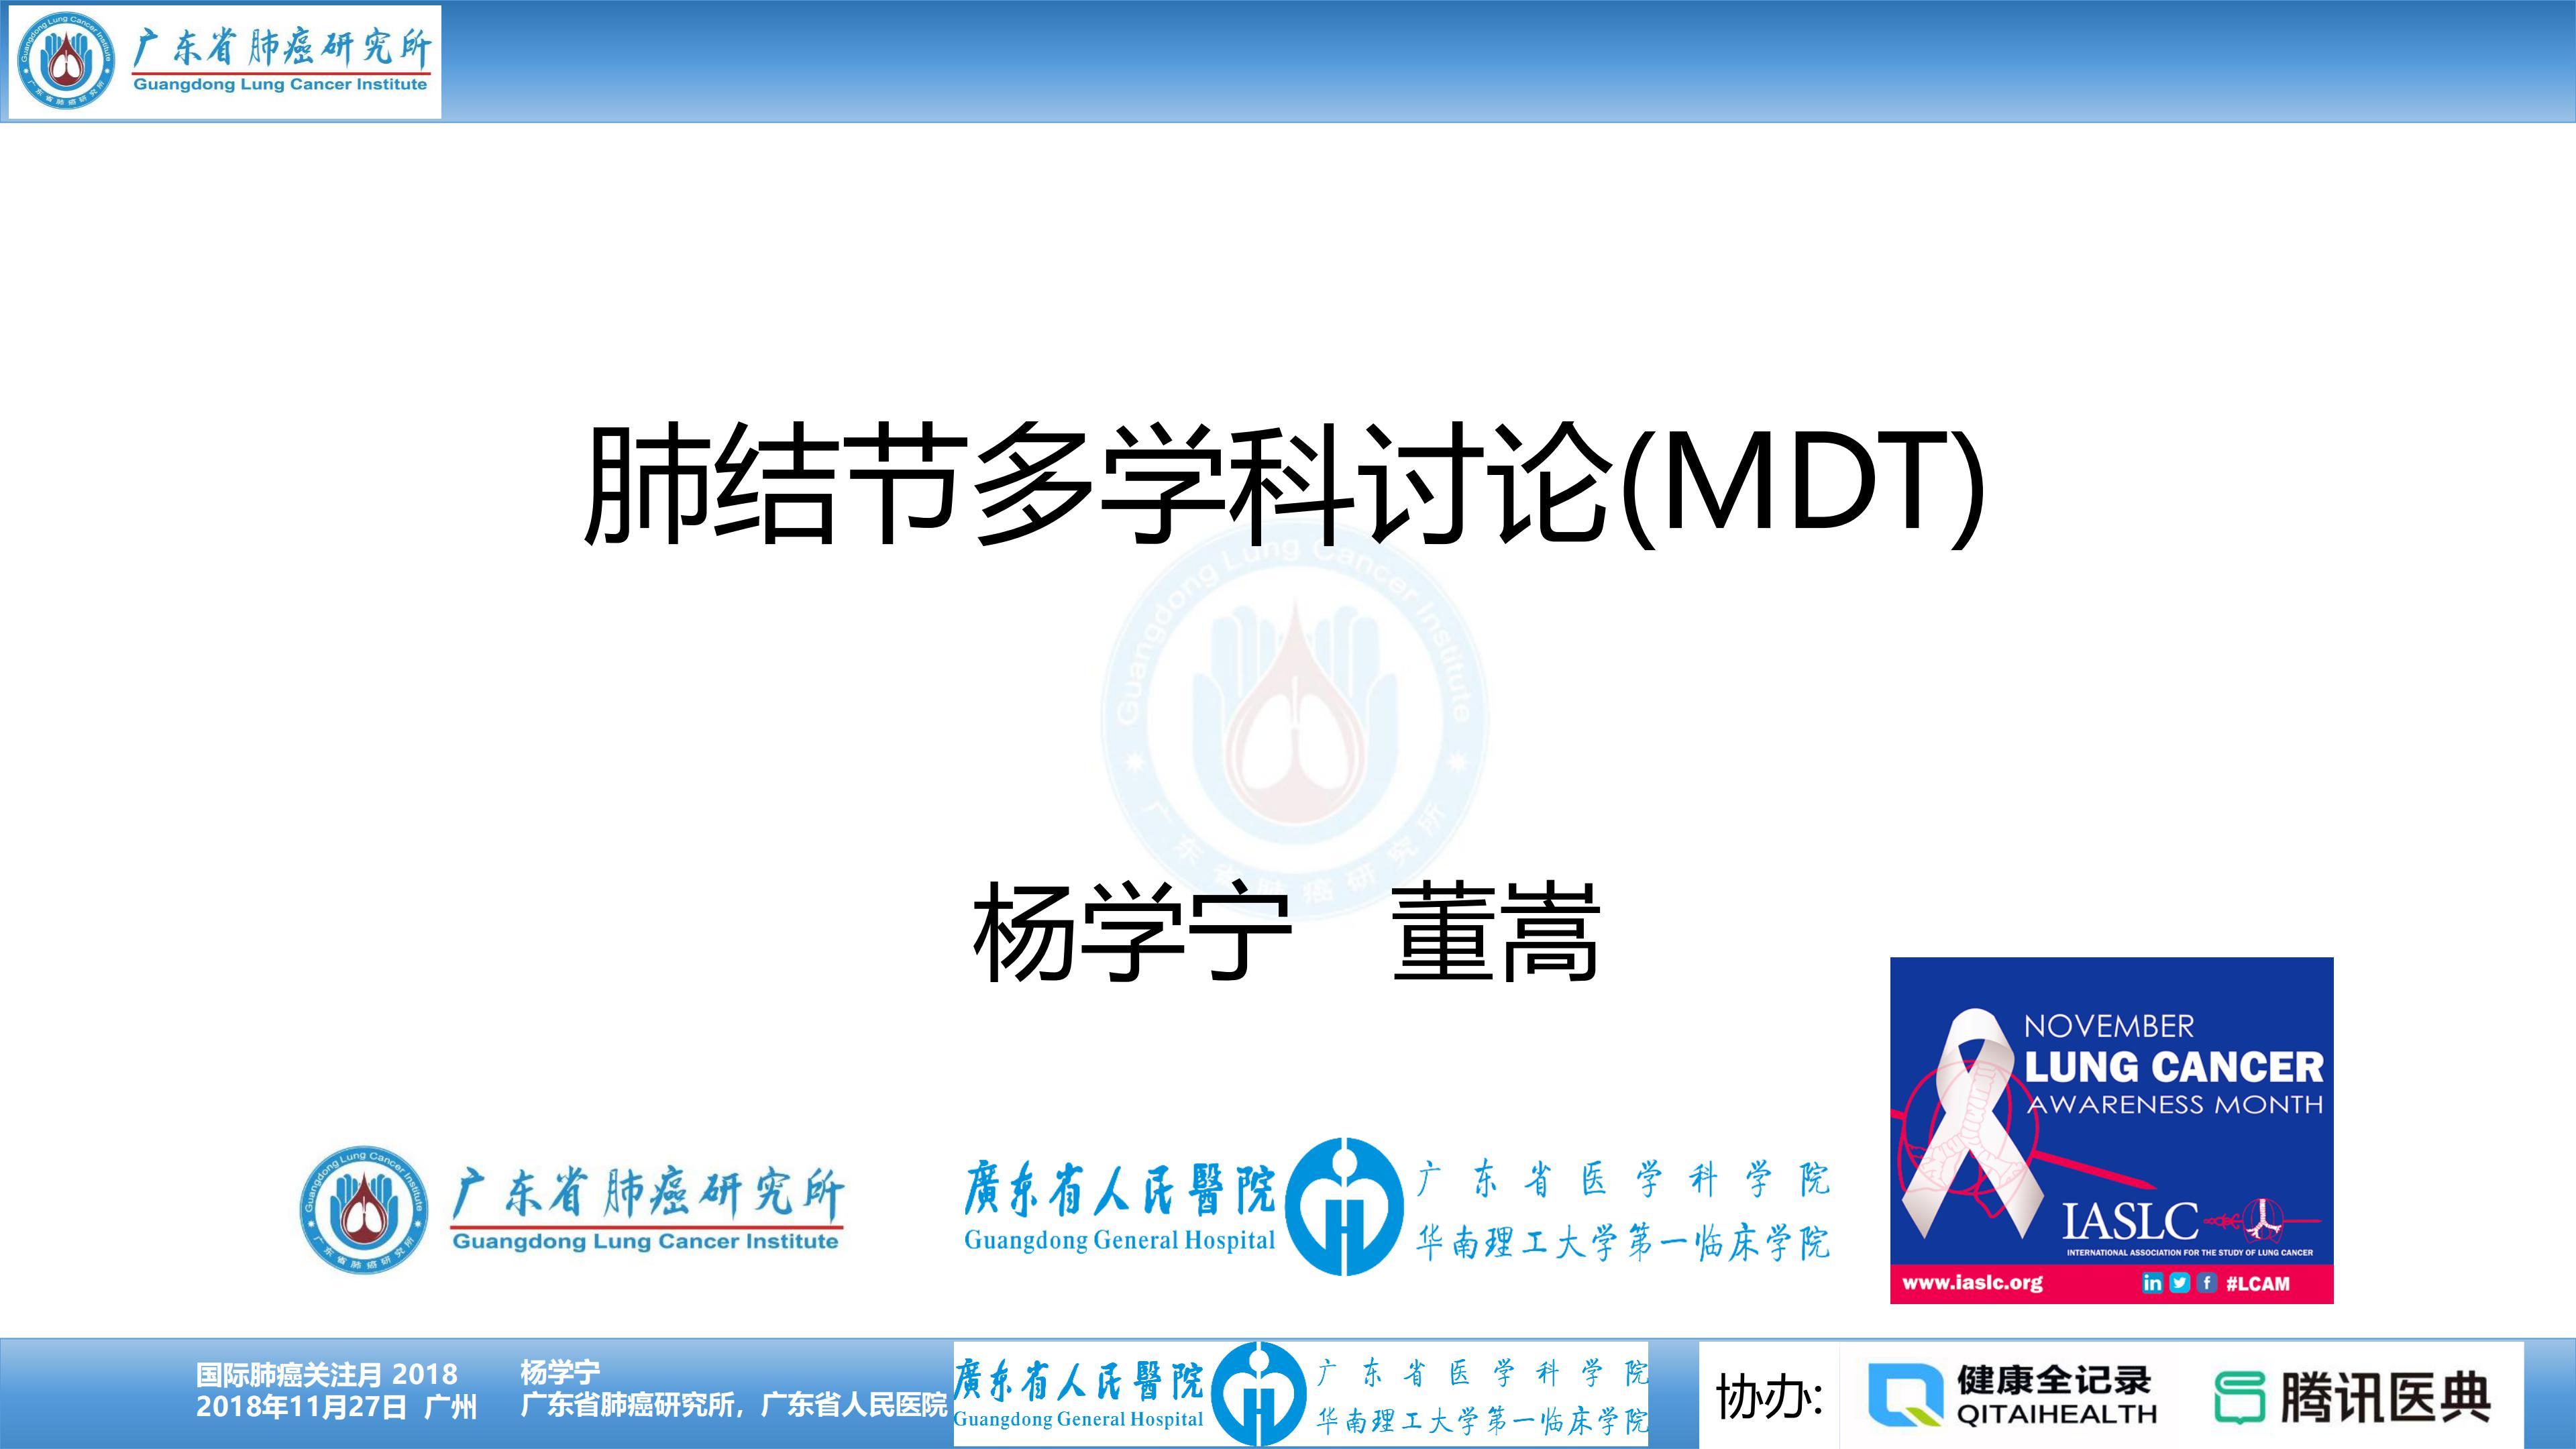 肺结节多学科讨论(MDT)